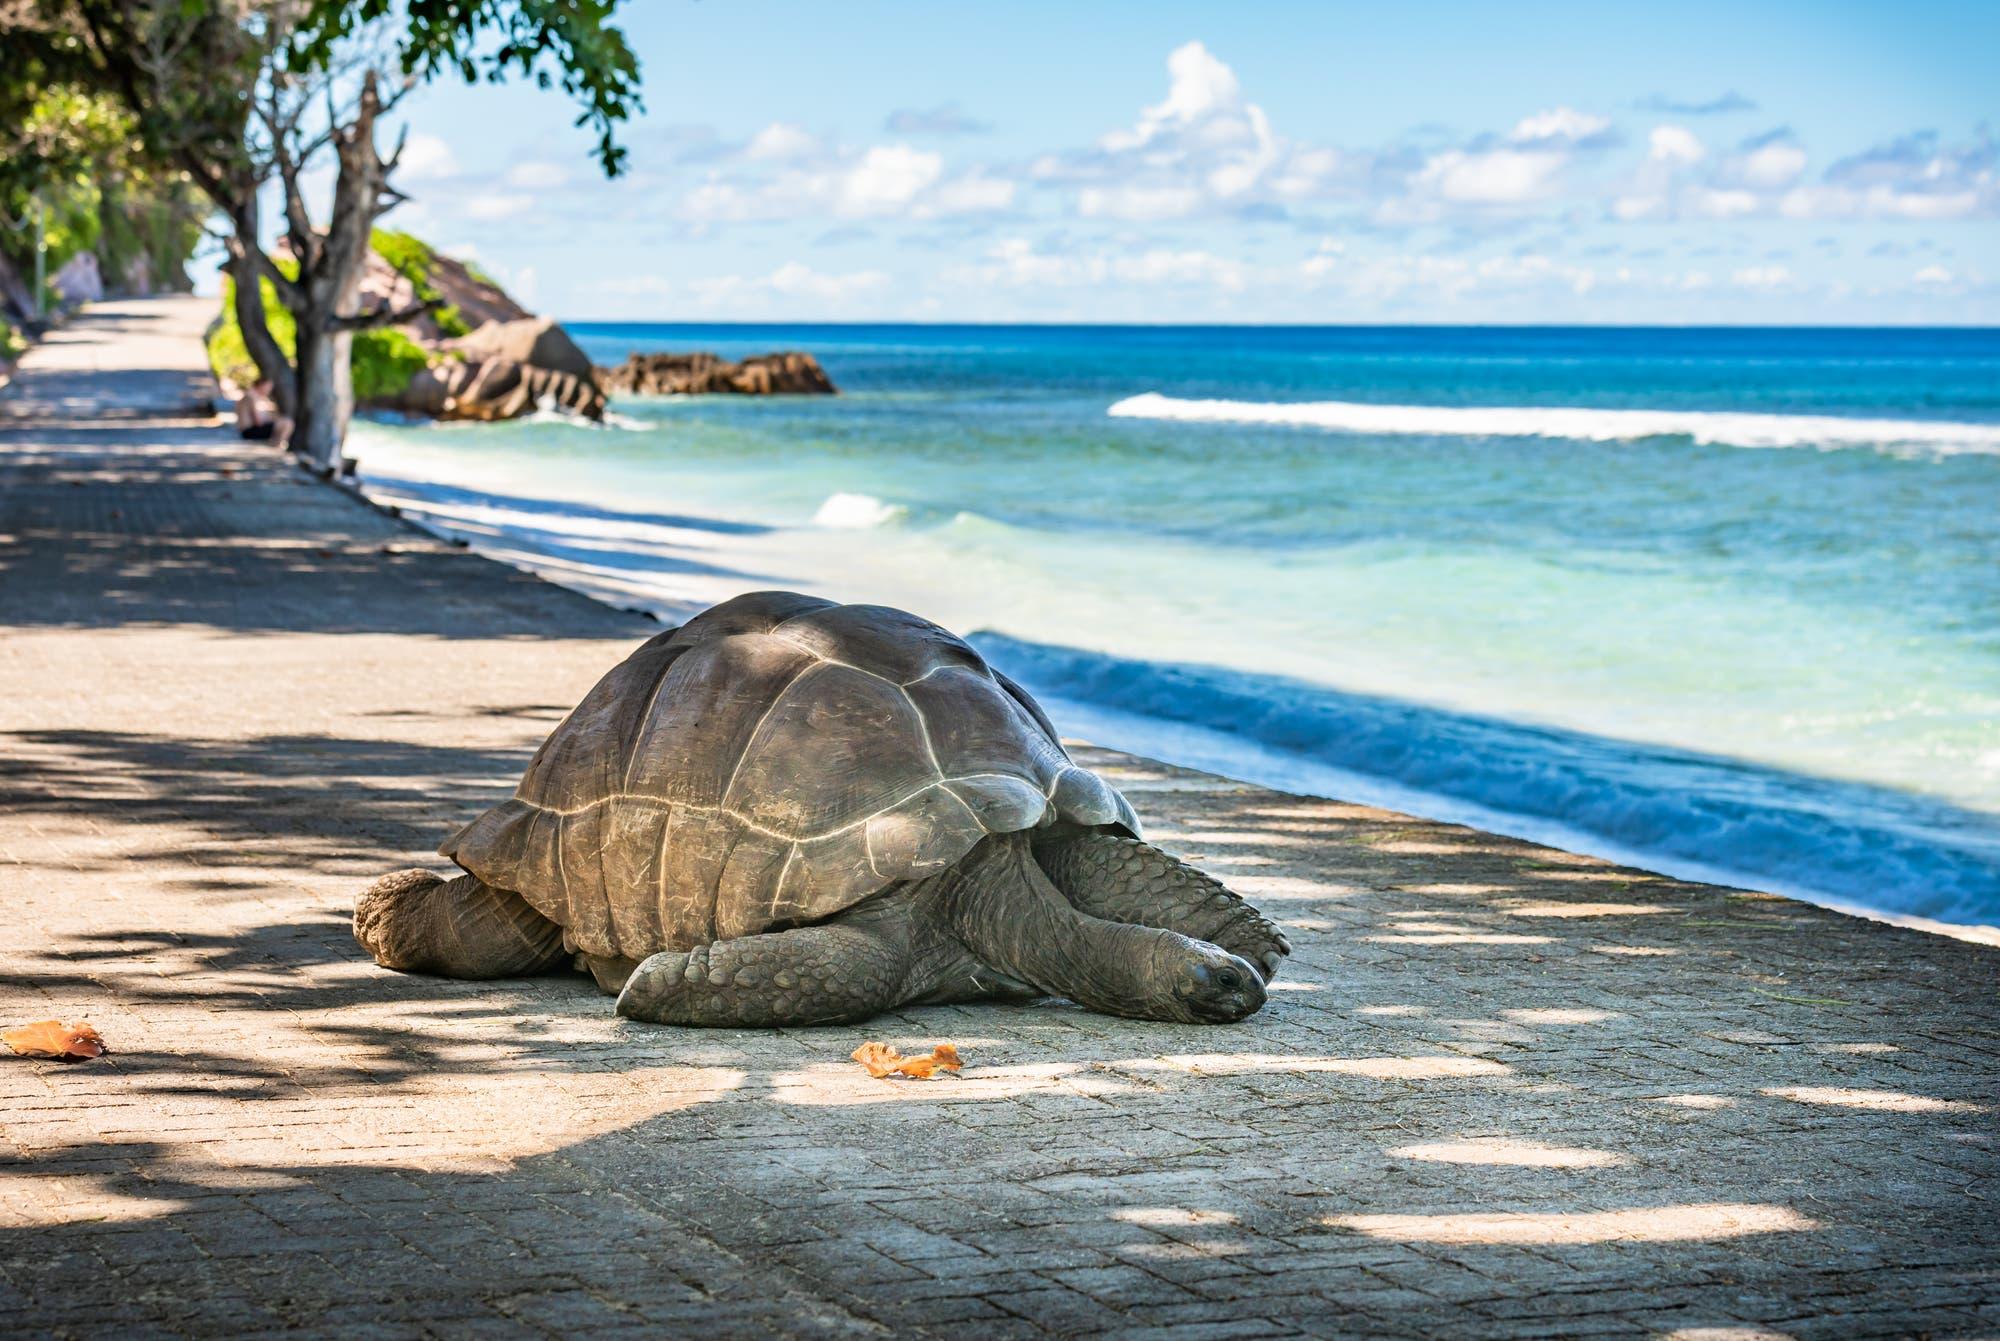 Tortuga gigante de Altabra en La Tech Island en las Seychelles